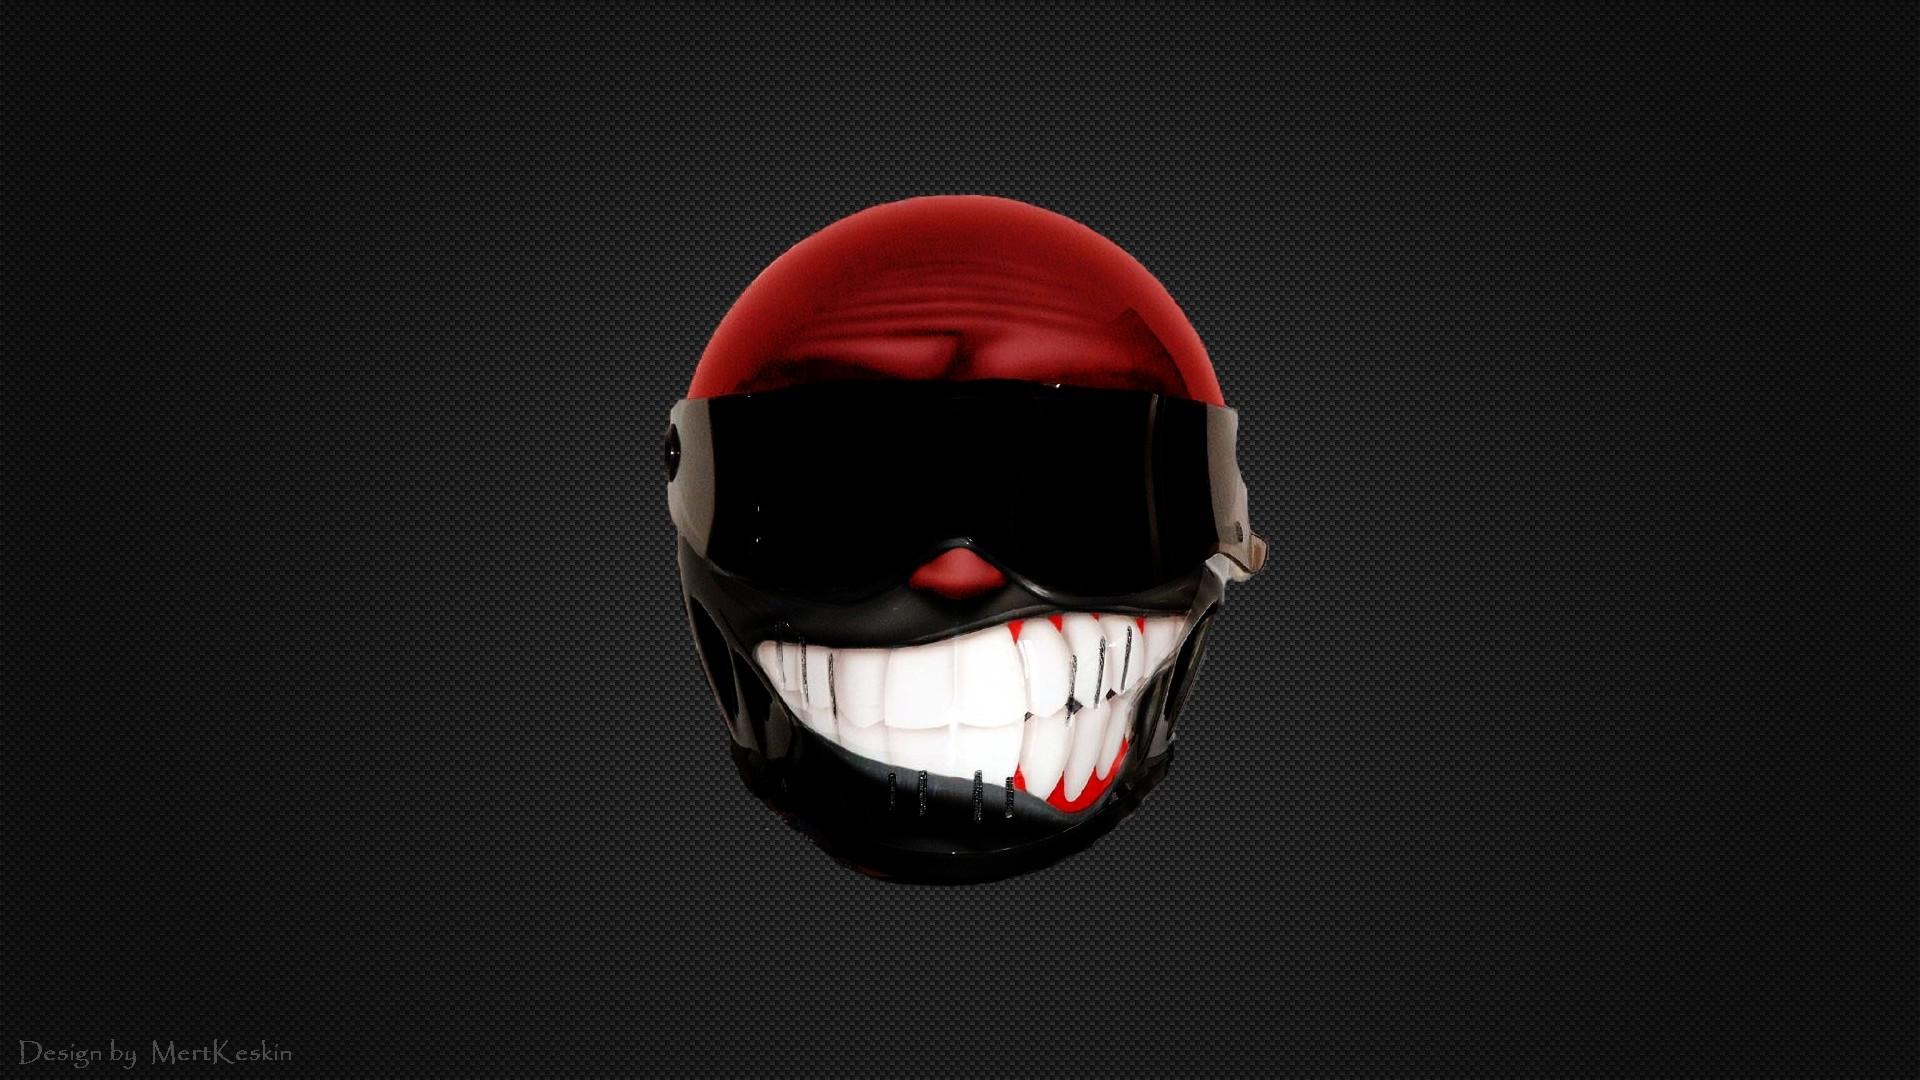 Helmet Wallpapers-153.jpg